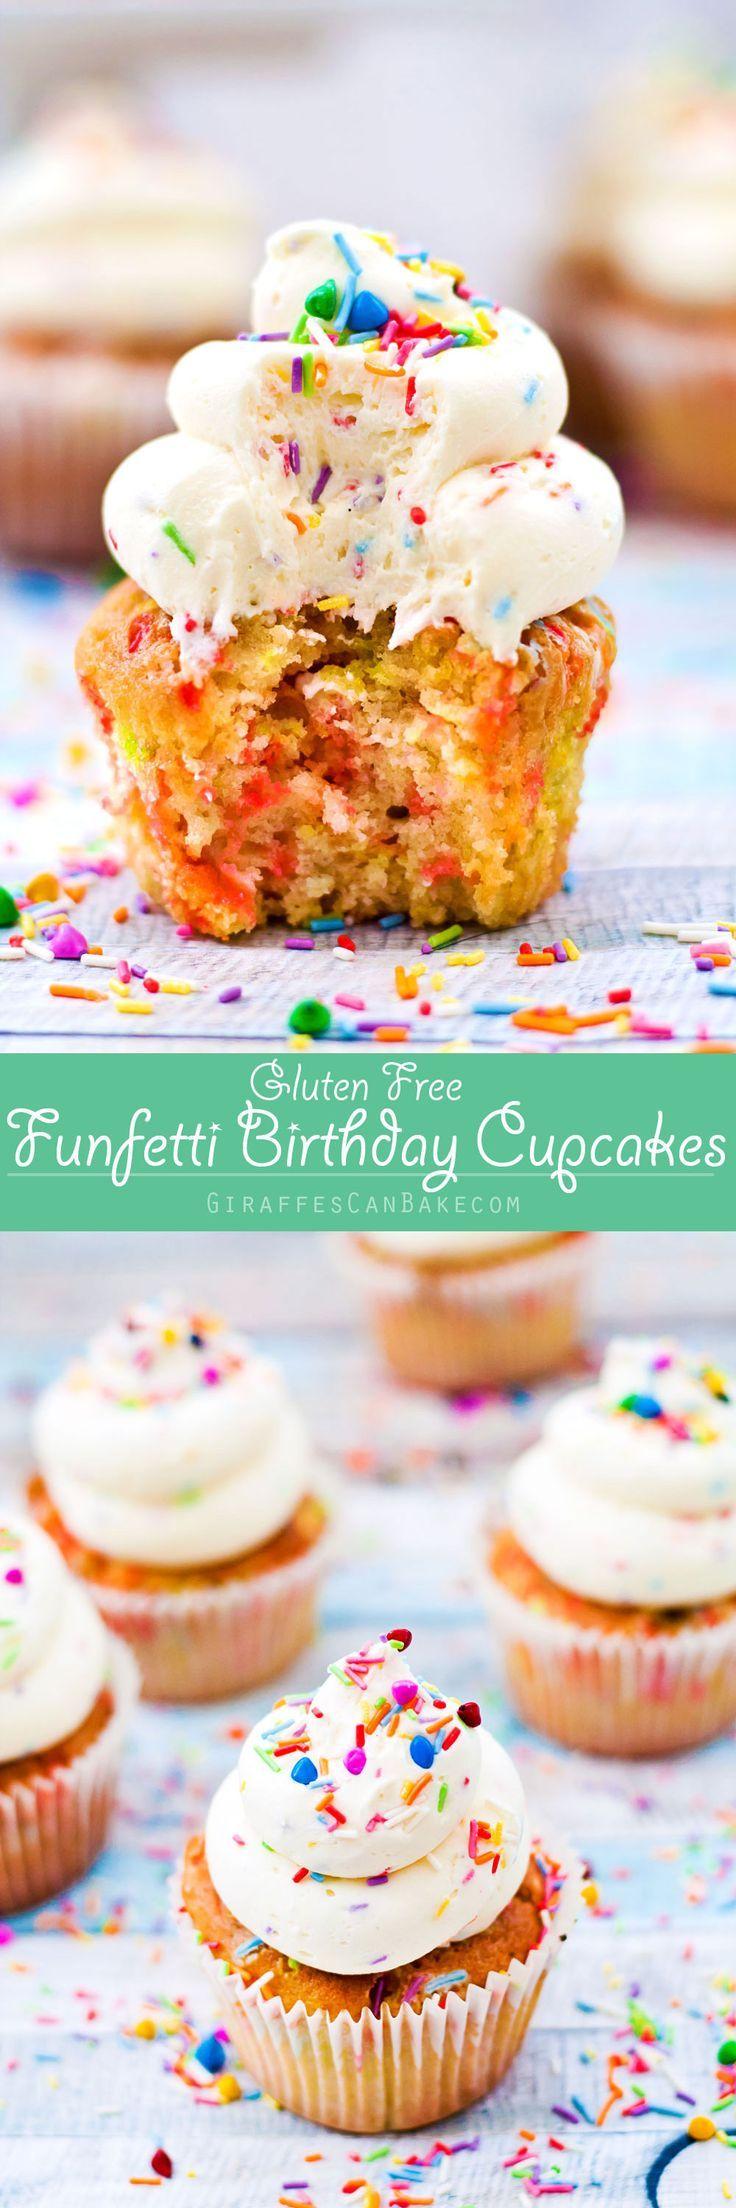 Funfetti cupcakes gluten free recipe cupcake